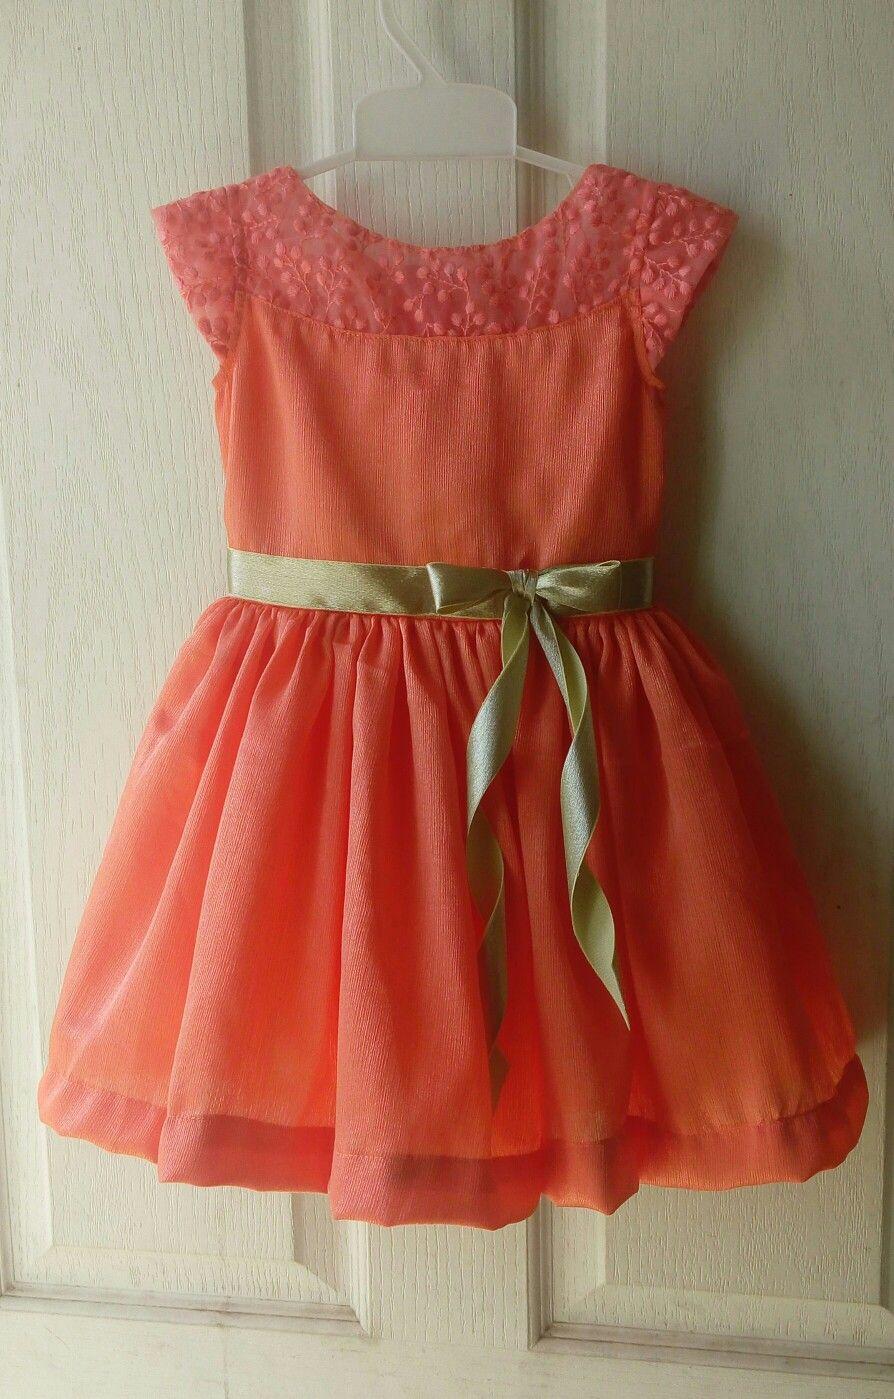 8d5b93738 Cute dresses for cute Angels